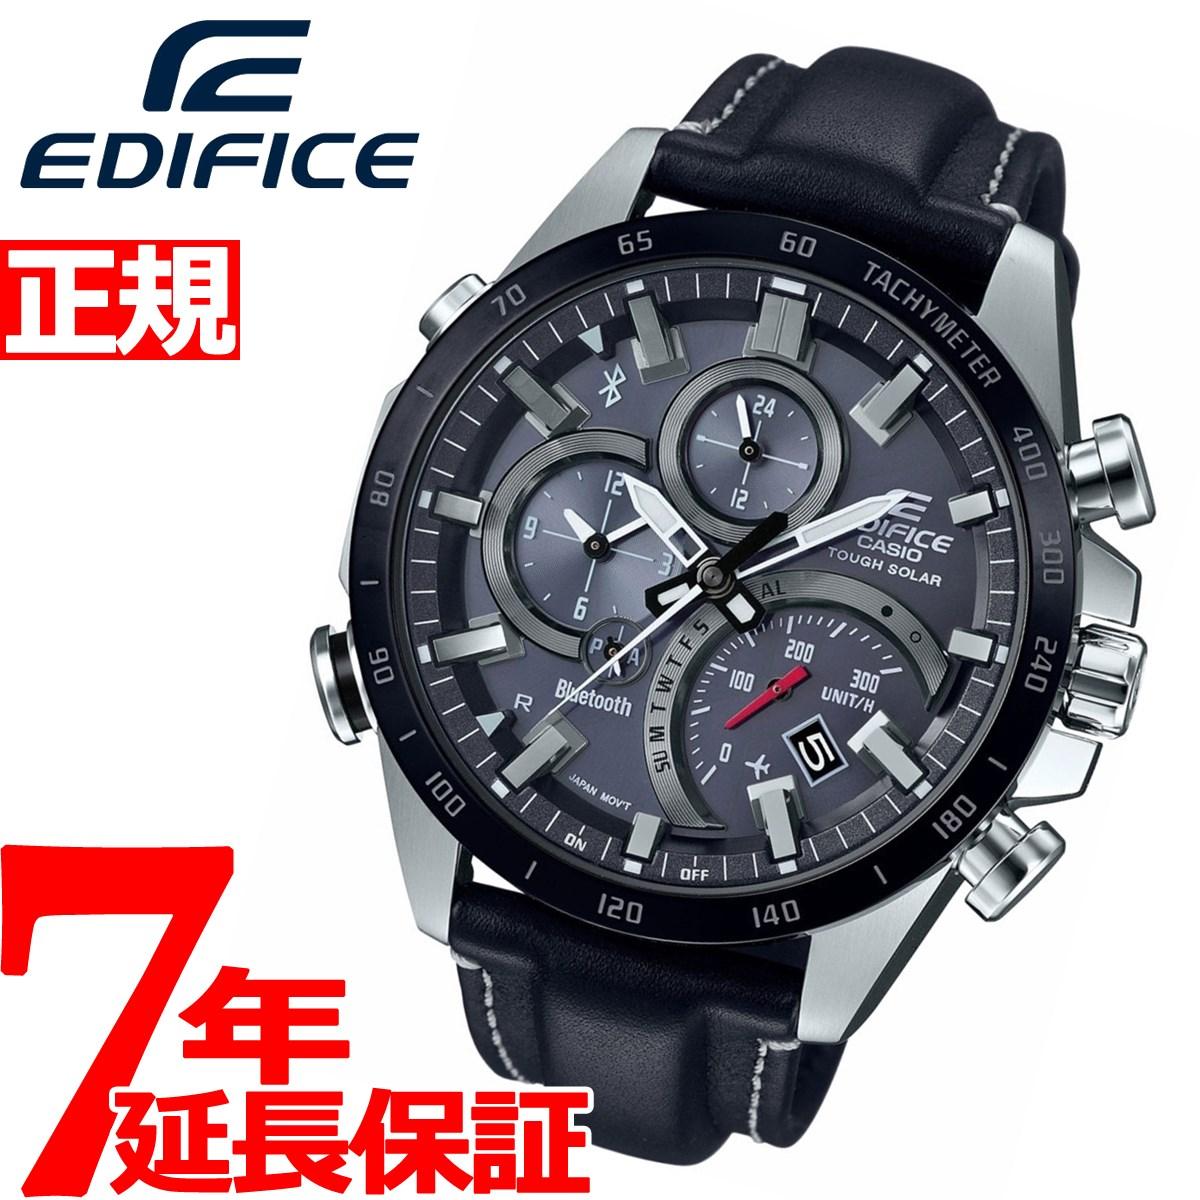 カシオ エディフィス CASIO EDIFICE Bluetooth ブルートゥース 対応 ソーラー 腕時計 メンズ EQB-501XBL-1AJF【2018 新作】